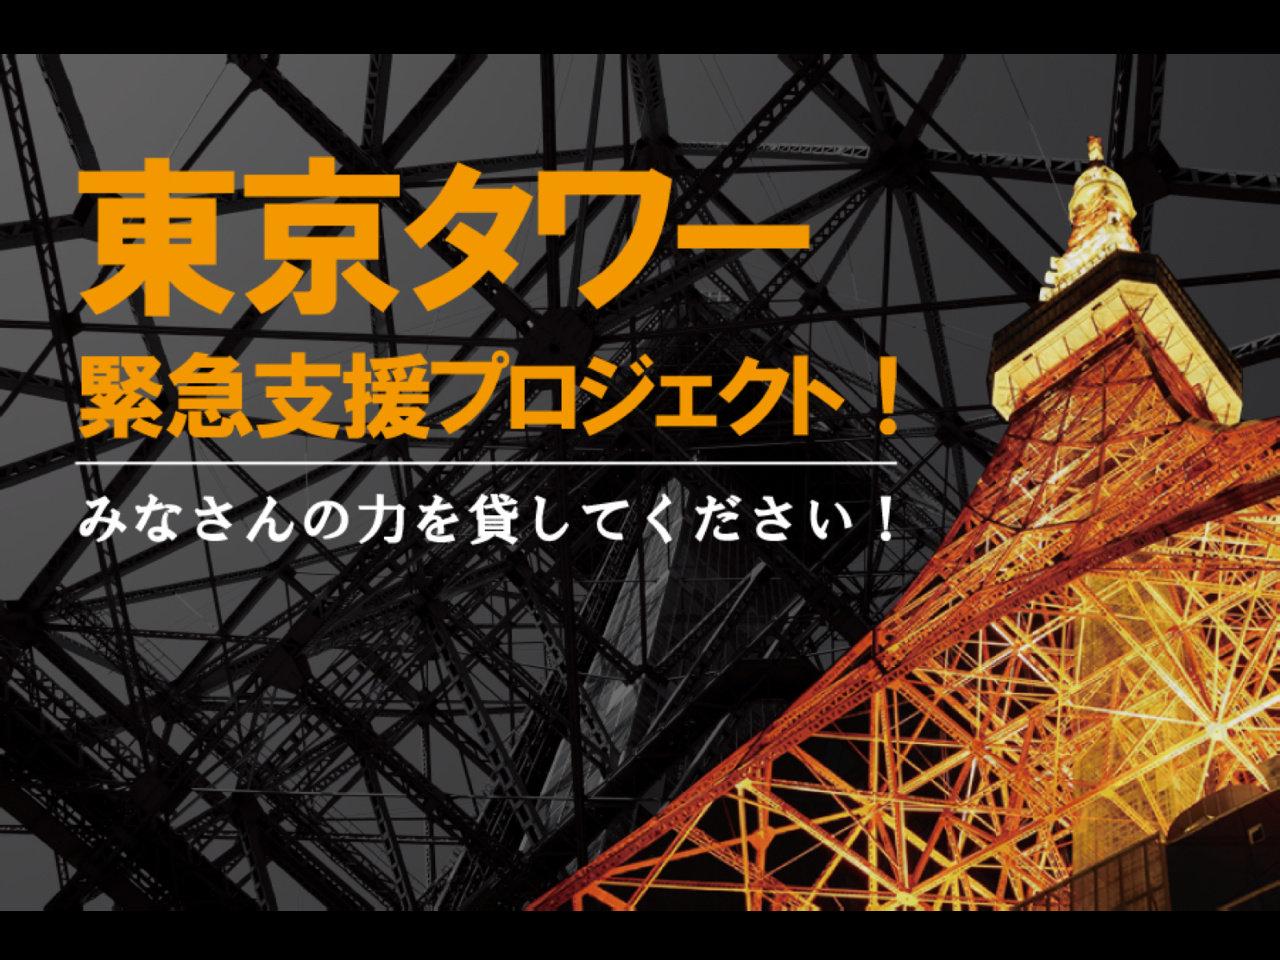 東京タワーが、年末年始のスペシャルライトアップ点灯に向けて、クラウドファンディングをスタート。